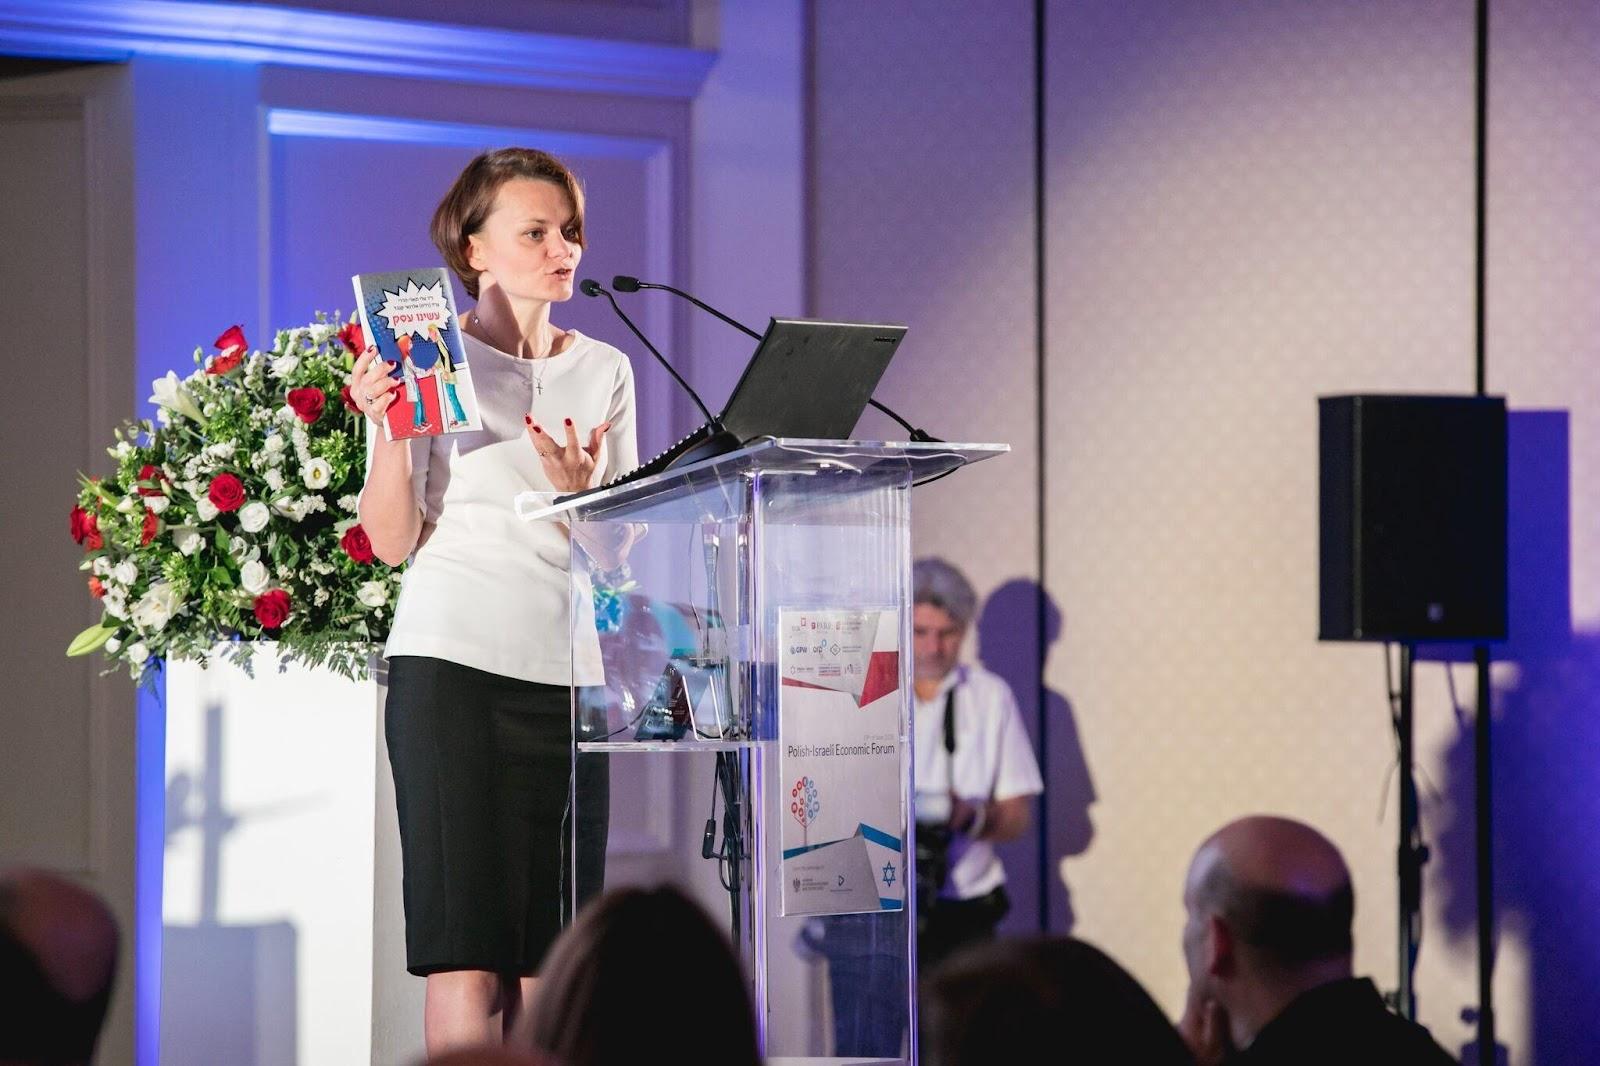 Mrs. Jadwiga Emilewicz, the Polish Minister of Entrepreneurship and Technology